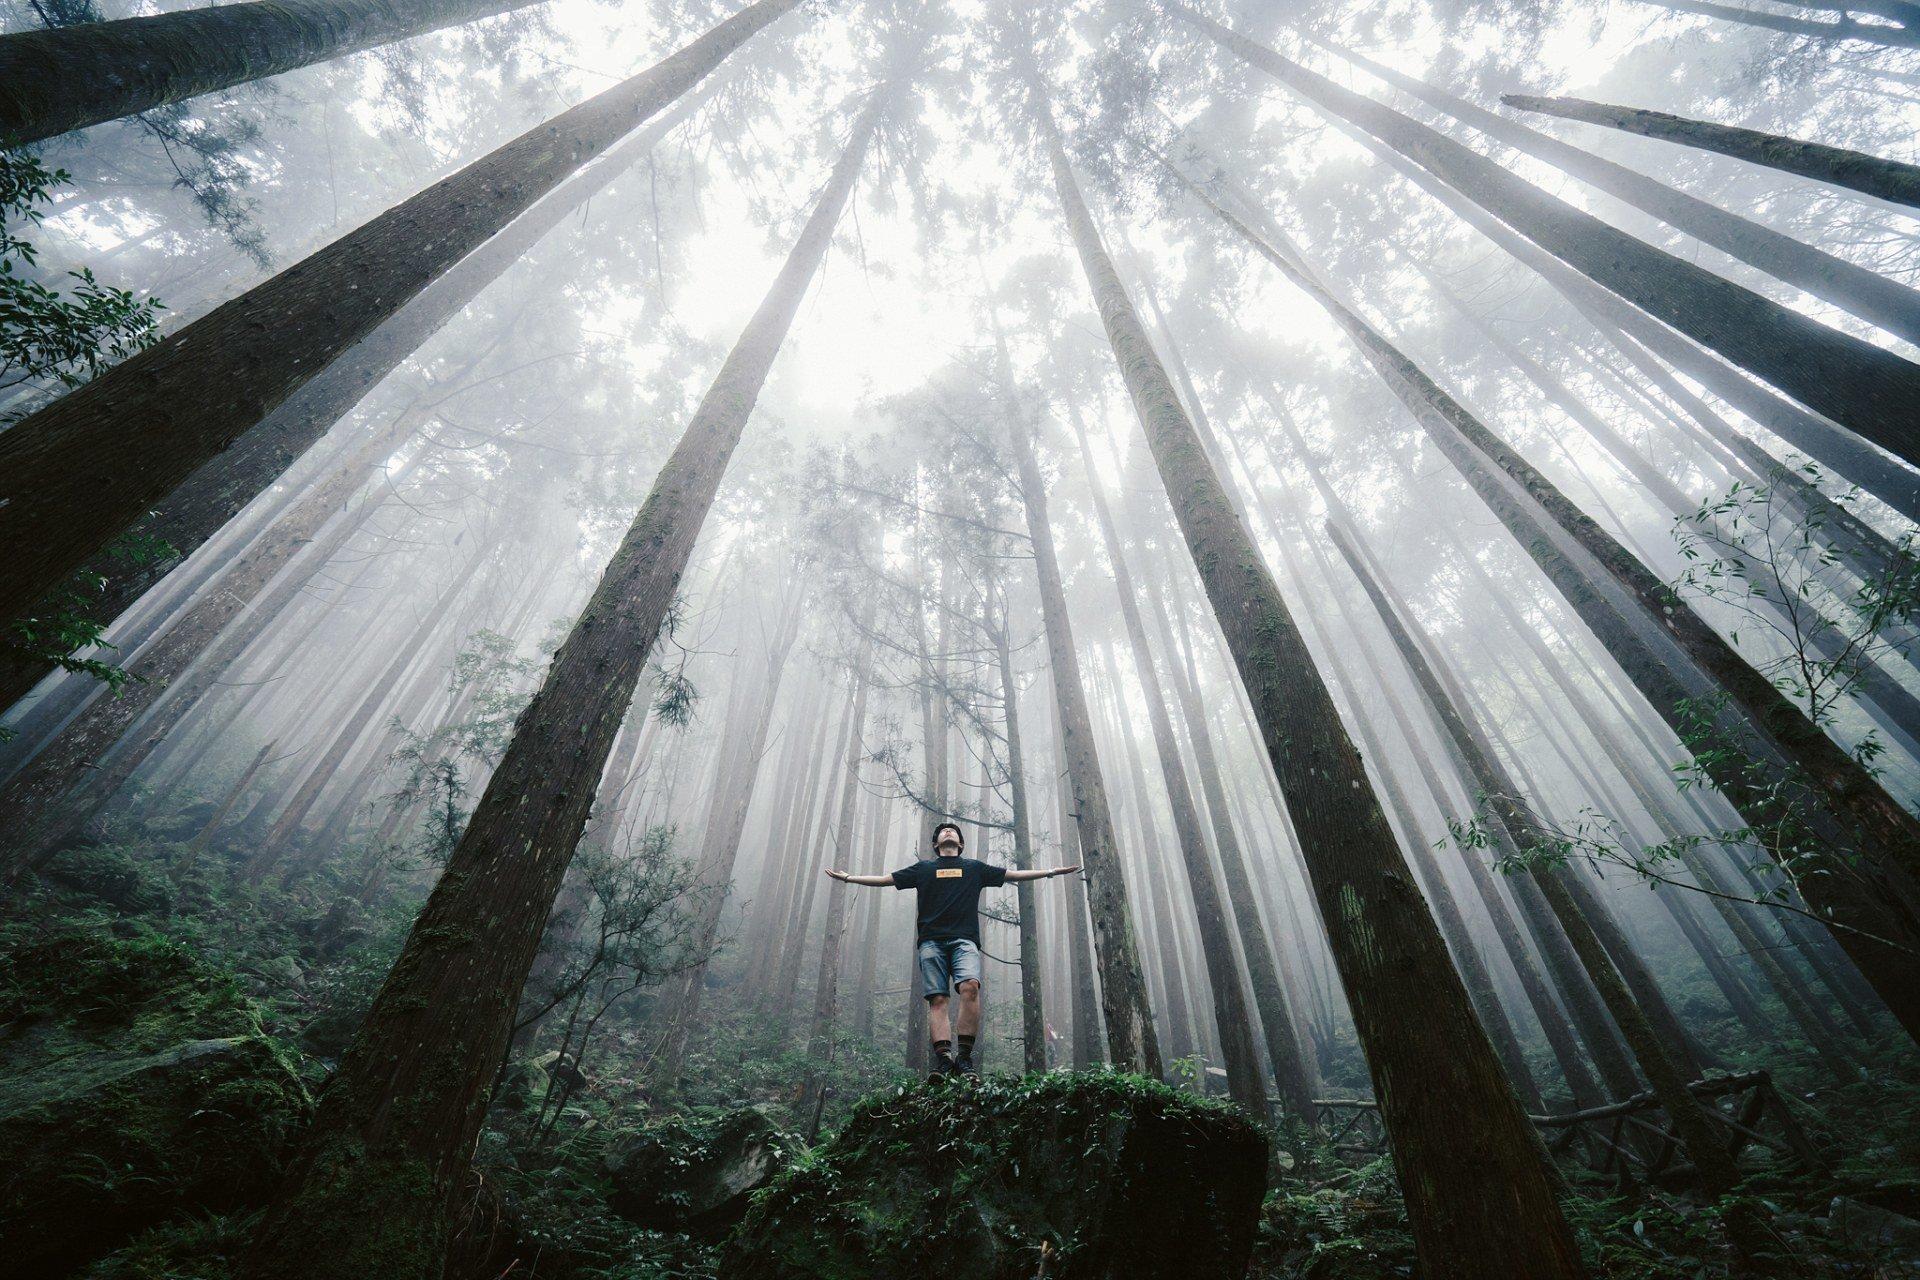 Лесная сказка, Тайвань. Фотограф - Ланце Хаунг Sony World Photography, Sony World Photography Awards 2018, лауреаты, лучшие фото, лучшие фотографии, победители, победители конкурса, фотоконкурс